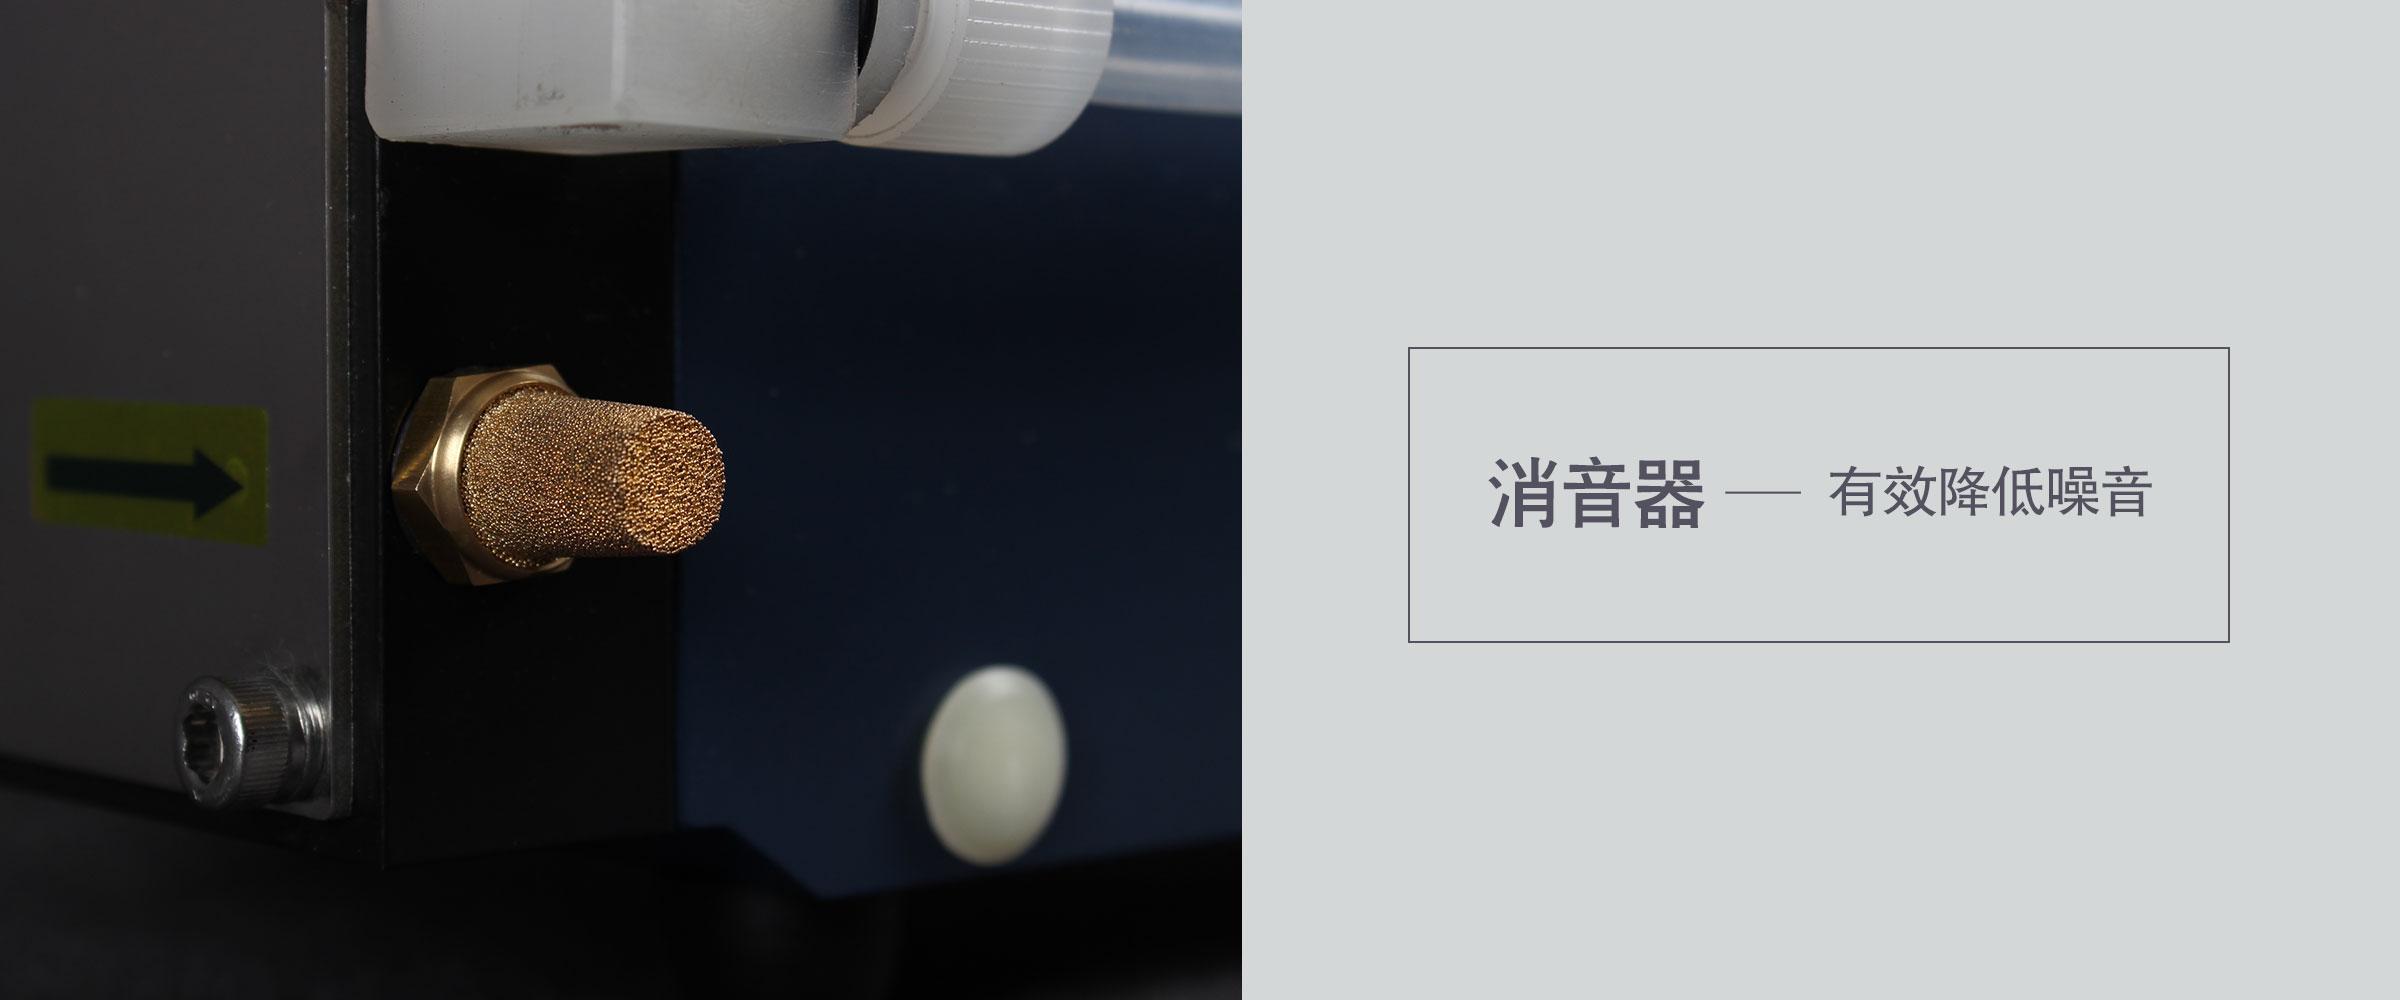 隔膜真空泵 (5)